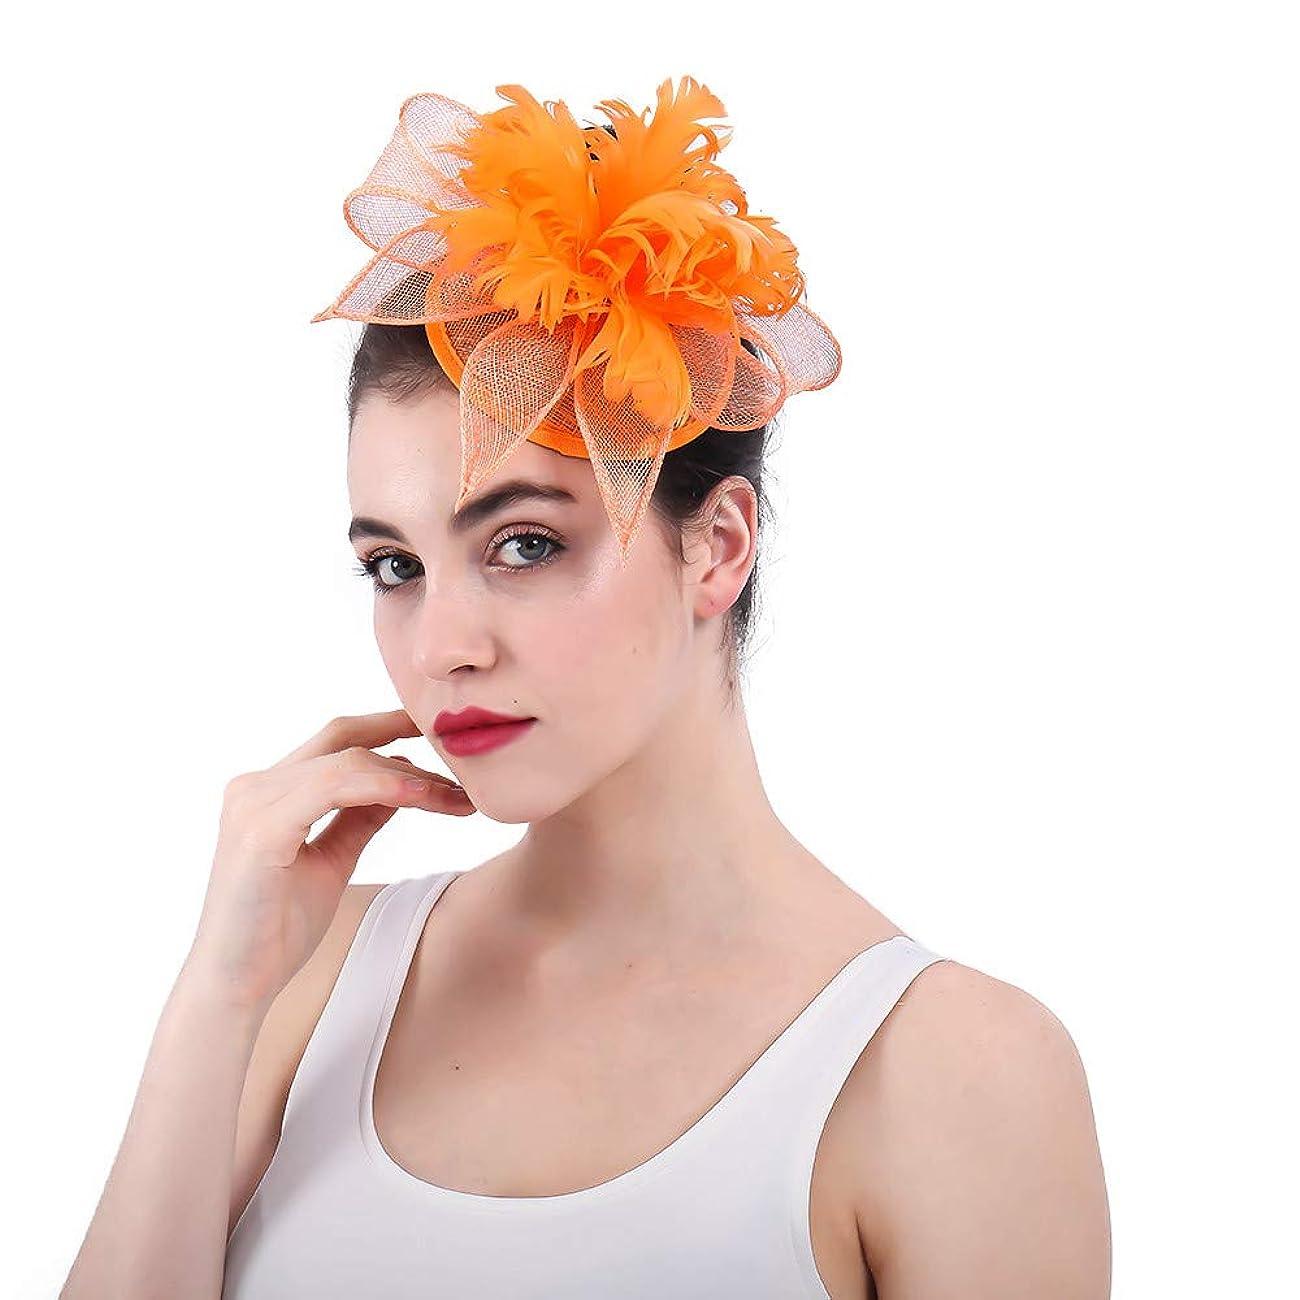 行進明確にしないでください女性の魅力的な帽子 女性のエレガントな魅惑的な帽子の羽の花の結婚式のヘアピンヘッドドレスロイヤルアスコットカクテルティーパーティー (色 : Grey)